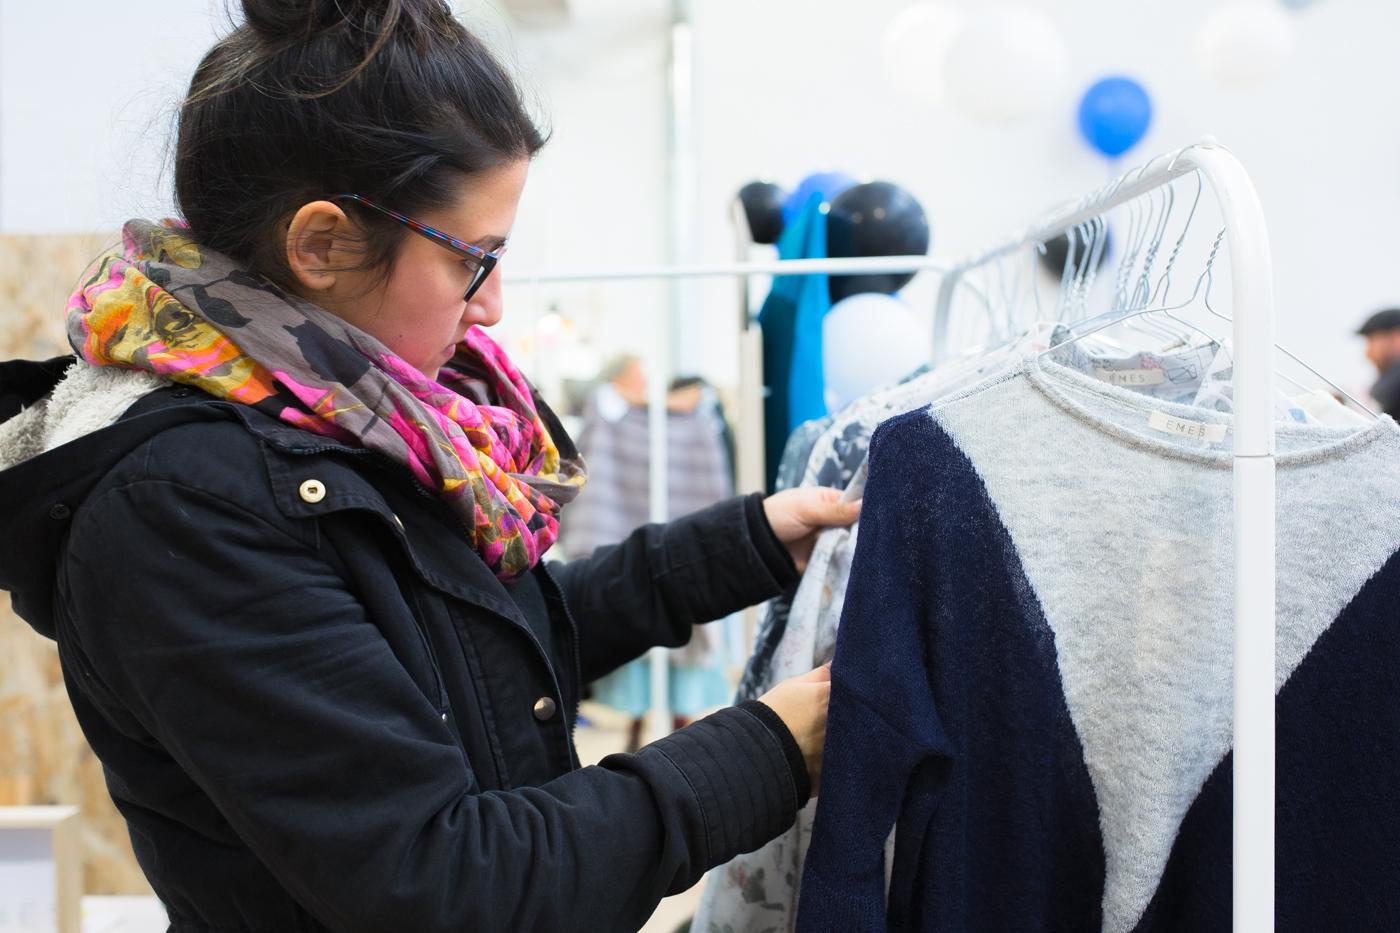 Moda ética y sostenible: el papel del consumidor